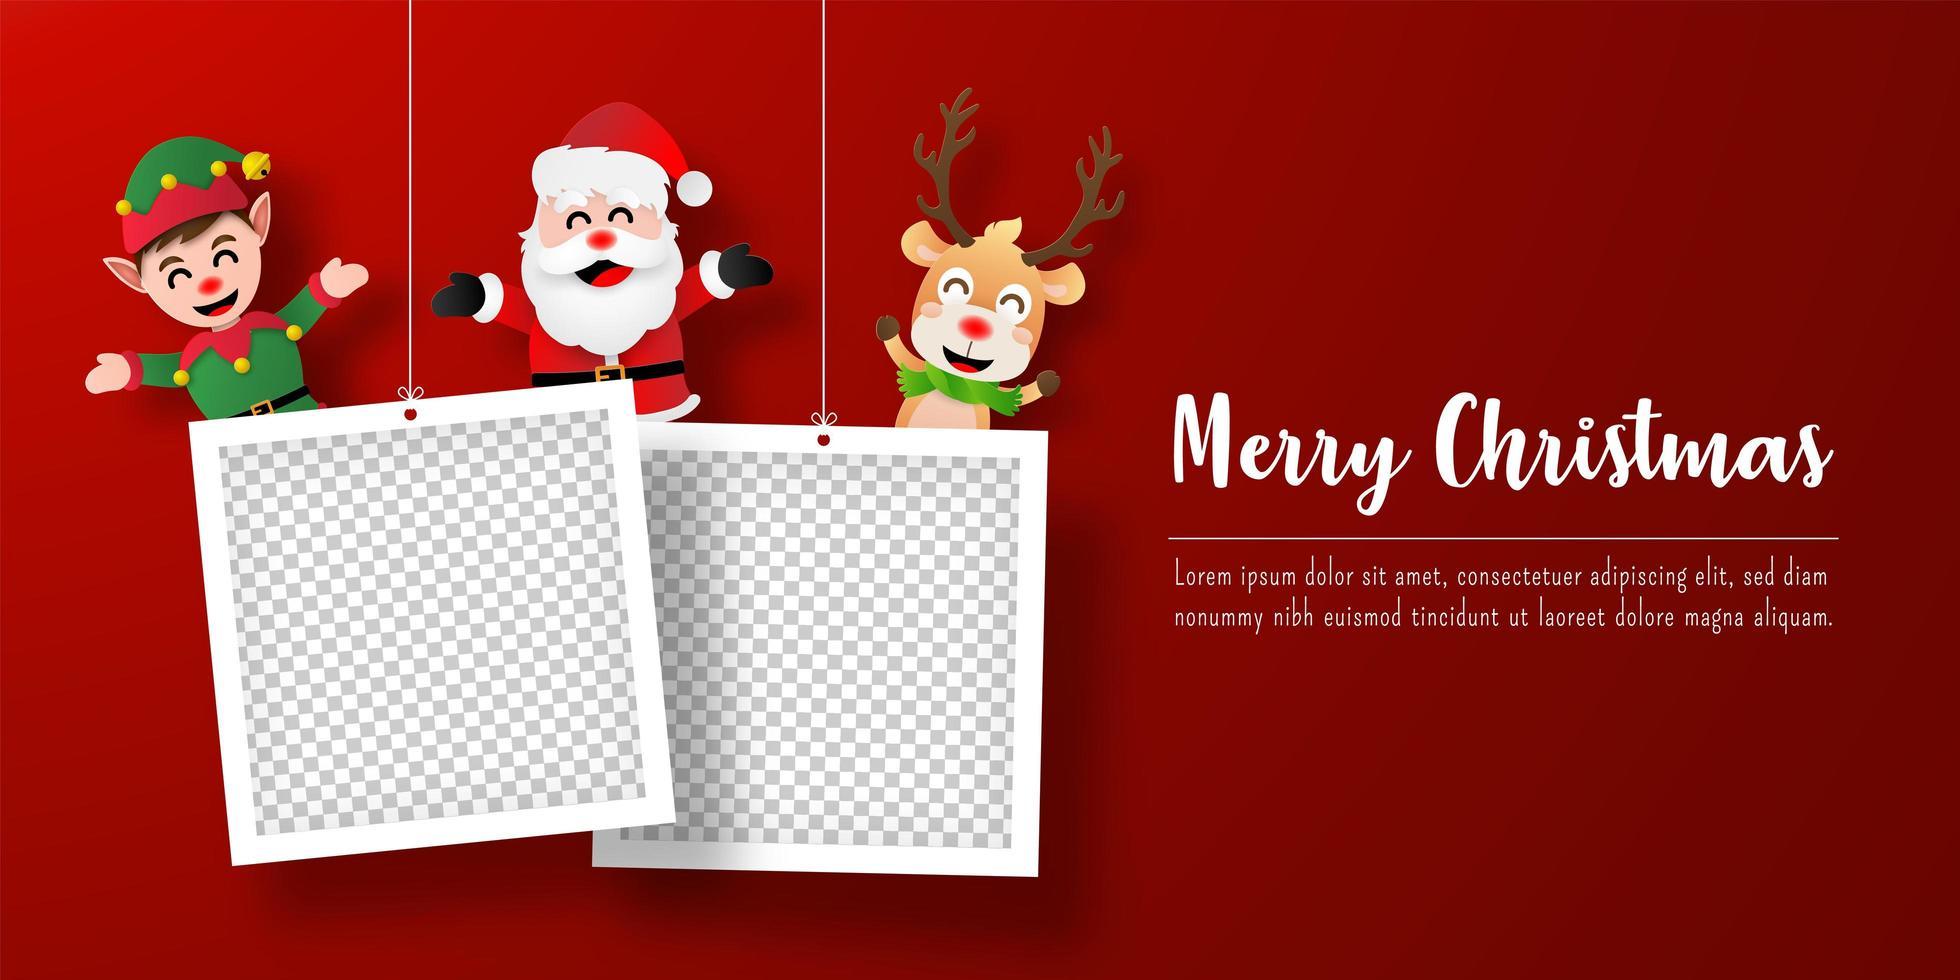 Weihnachtspostkartenbanner von Weihnachtsmann und Freunden mit Fotorahmen vektor